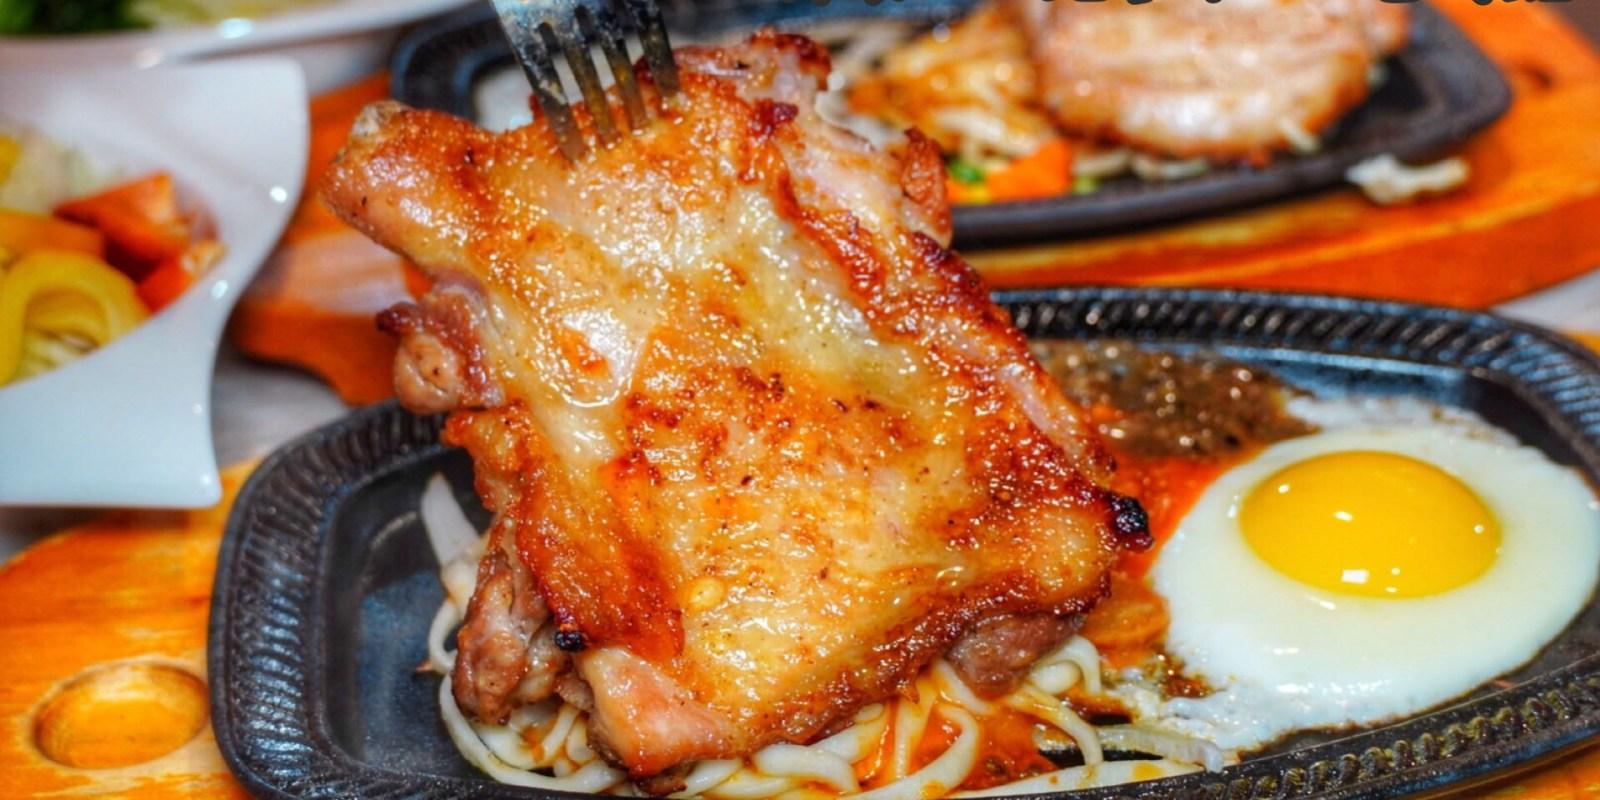 【台南吃到飽】雅客牛排 牛排+自助吧 只要180元就有沙拉吧吃到飽!平價路線cp值很高